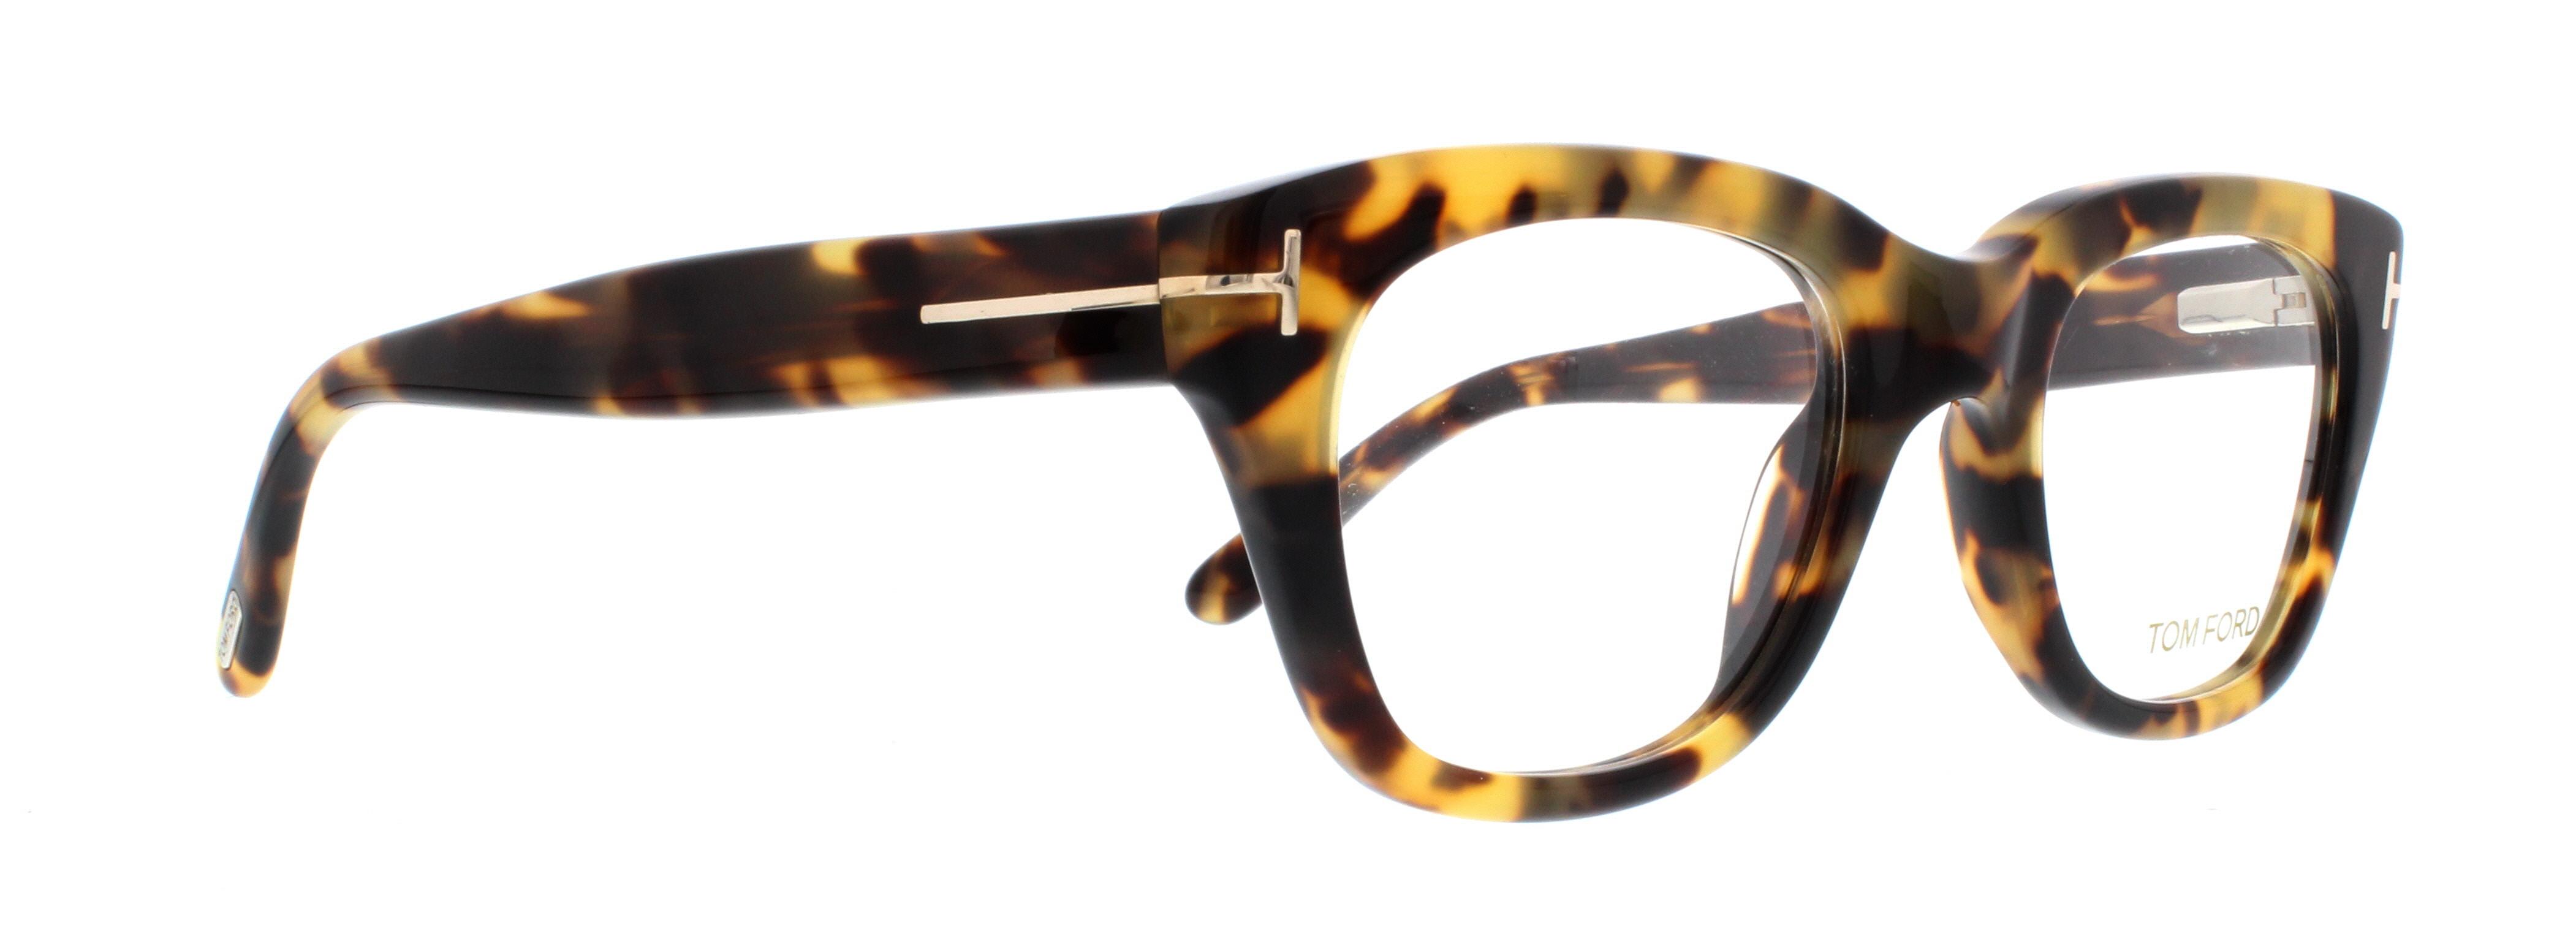 f513f83377 TOM FORD Eyeglasses FT5178 055 Coloured Havana 50MM 2 2 of 8 ...